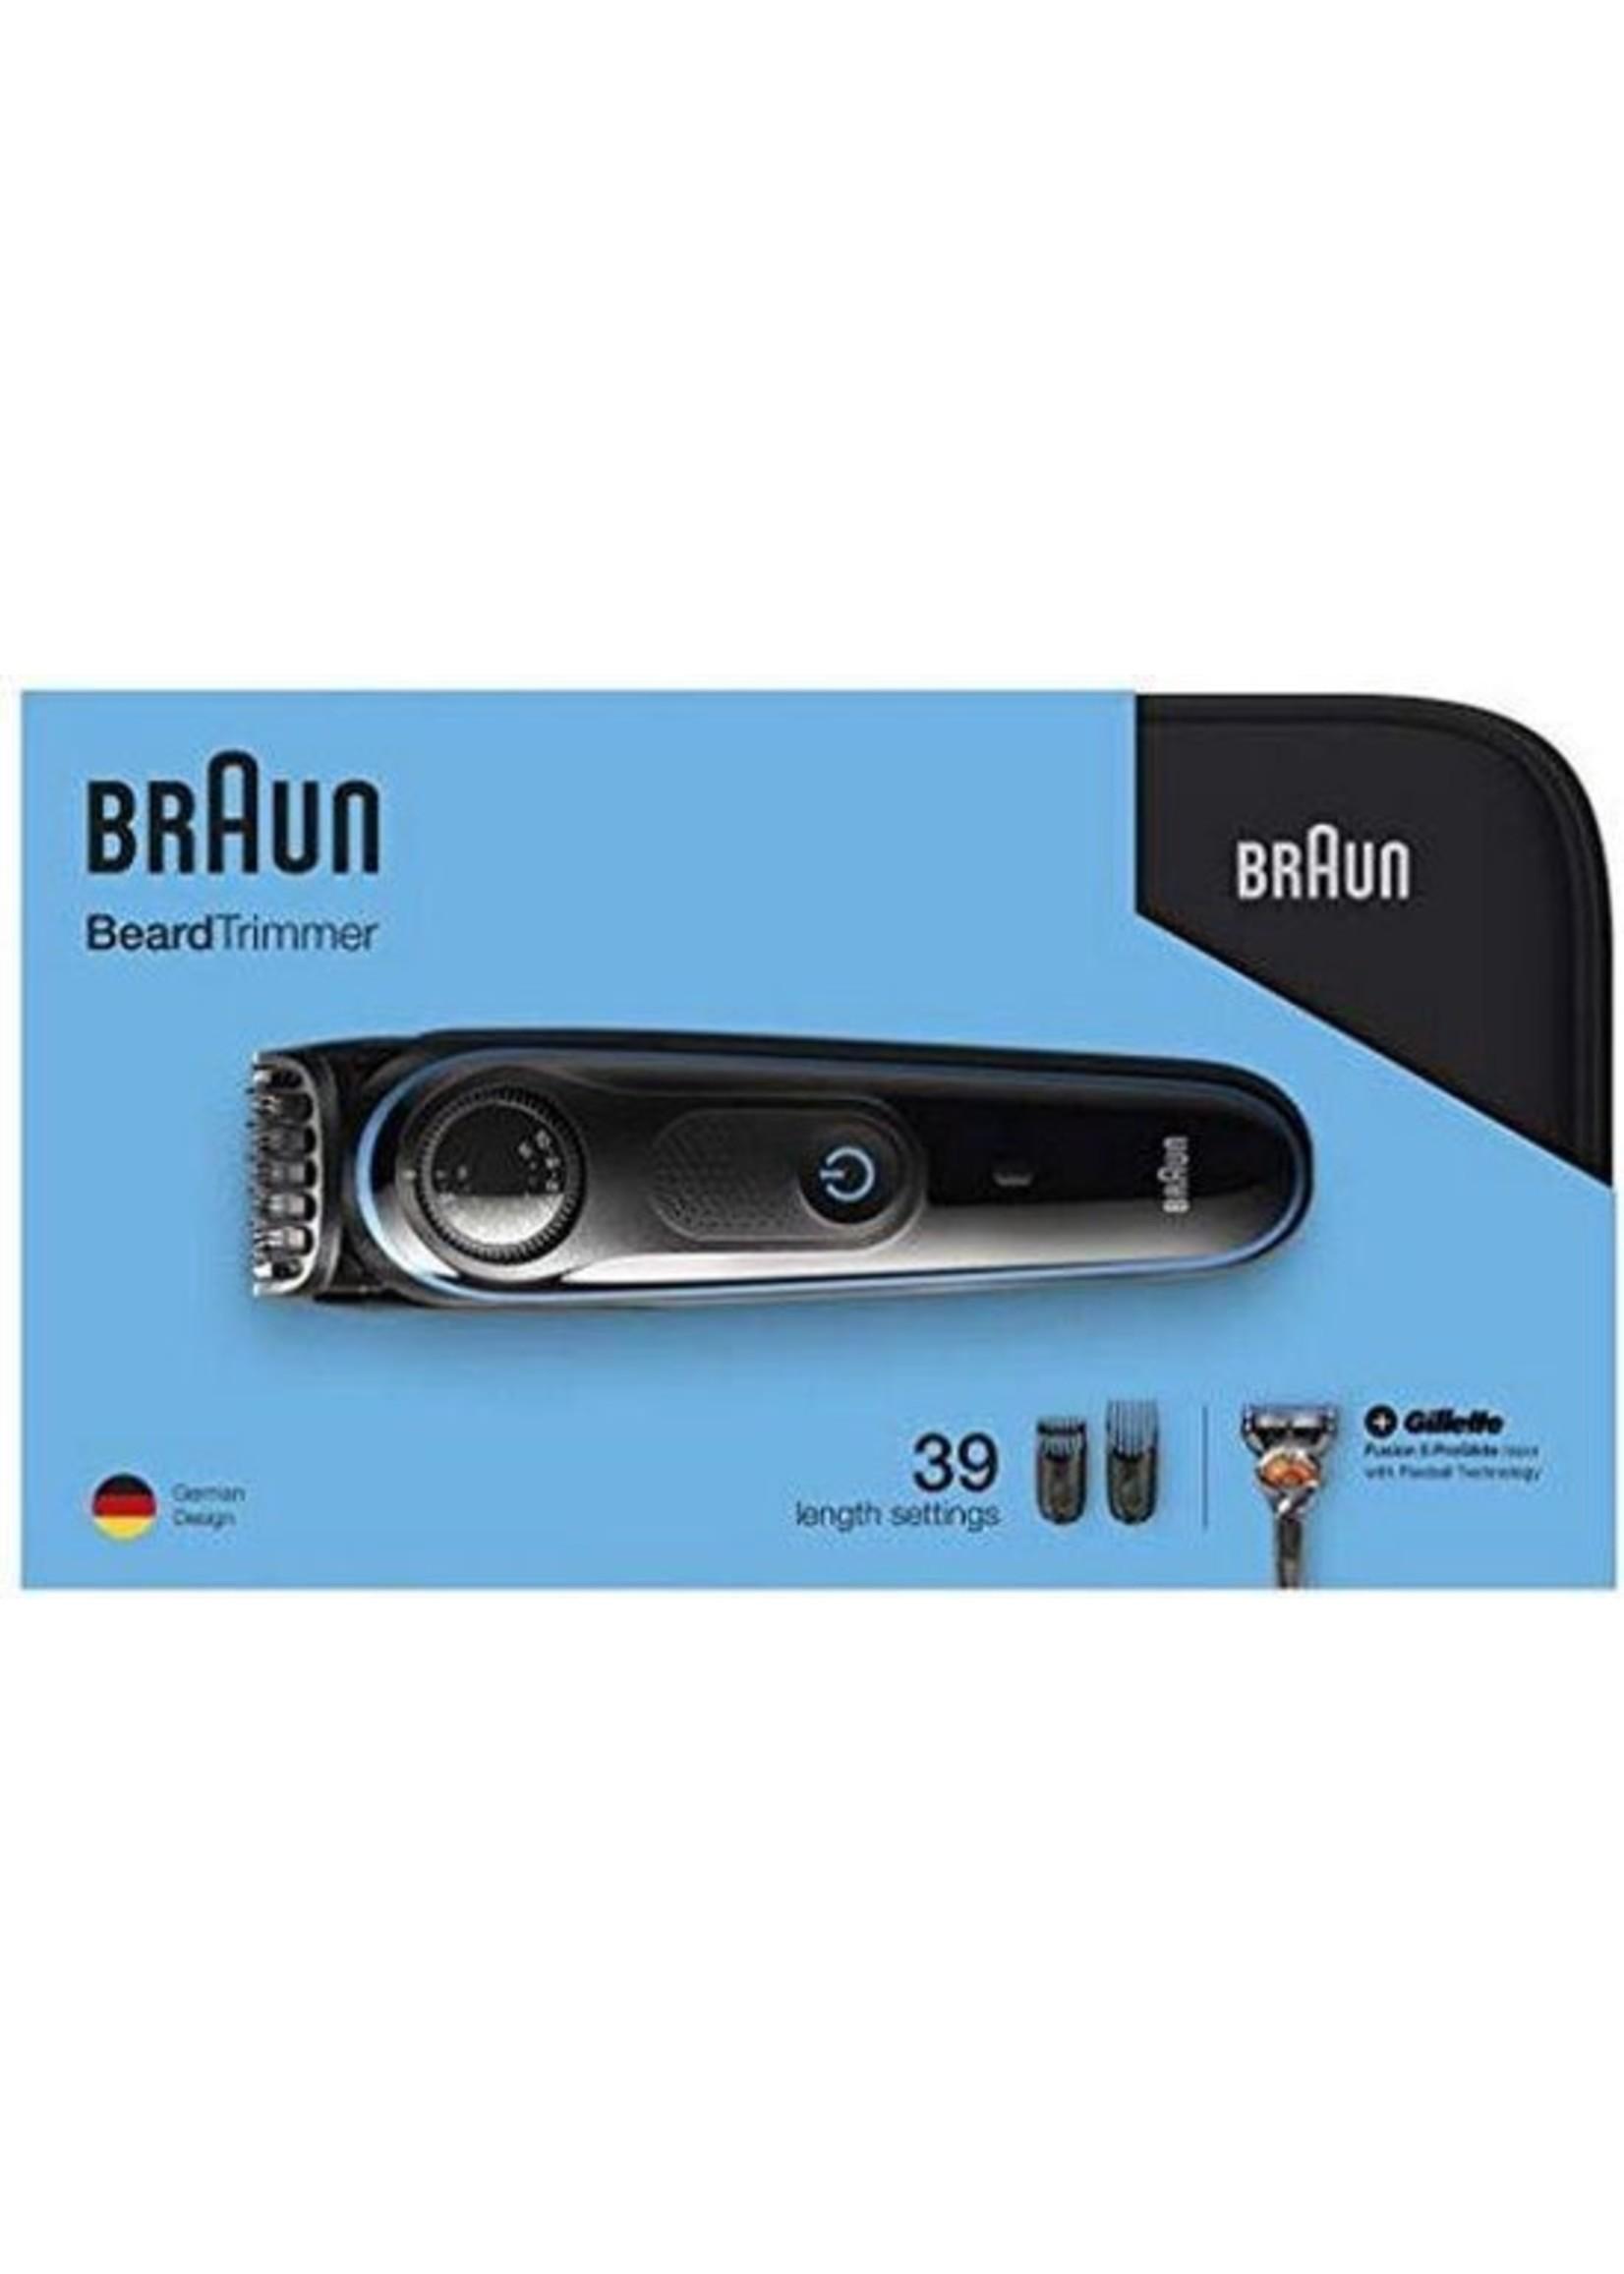 Braun Braun BT3940 - Scheerapparaat